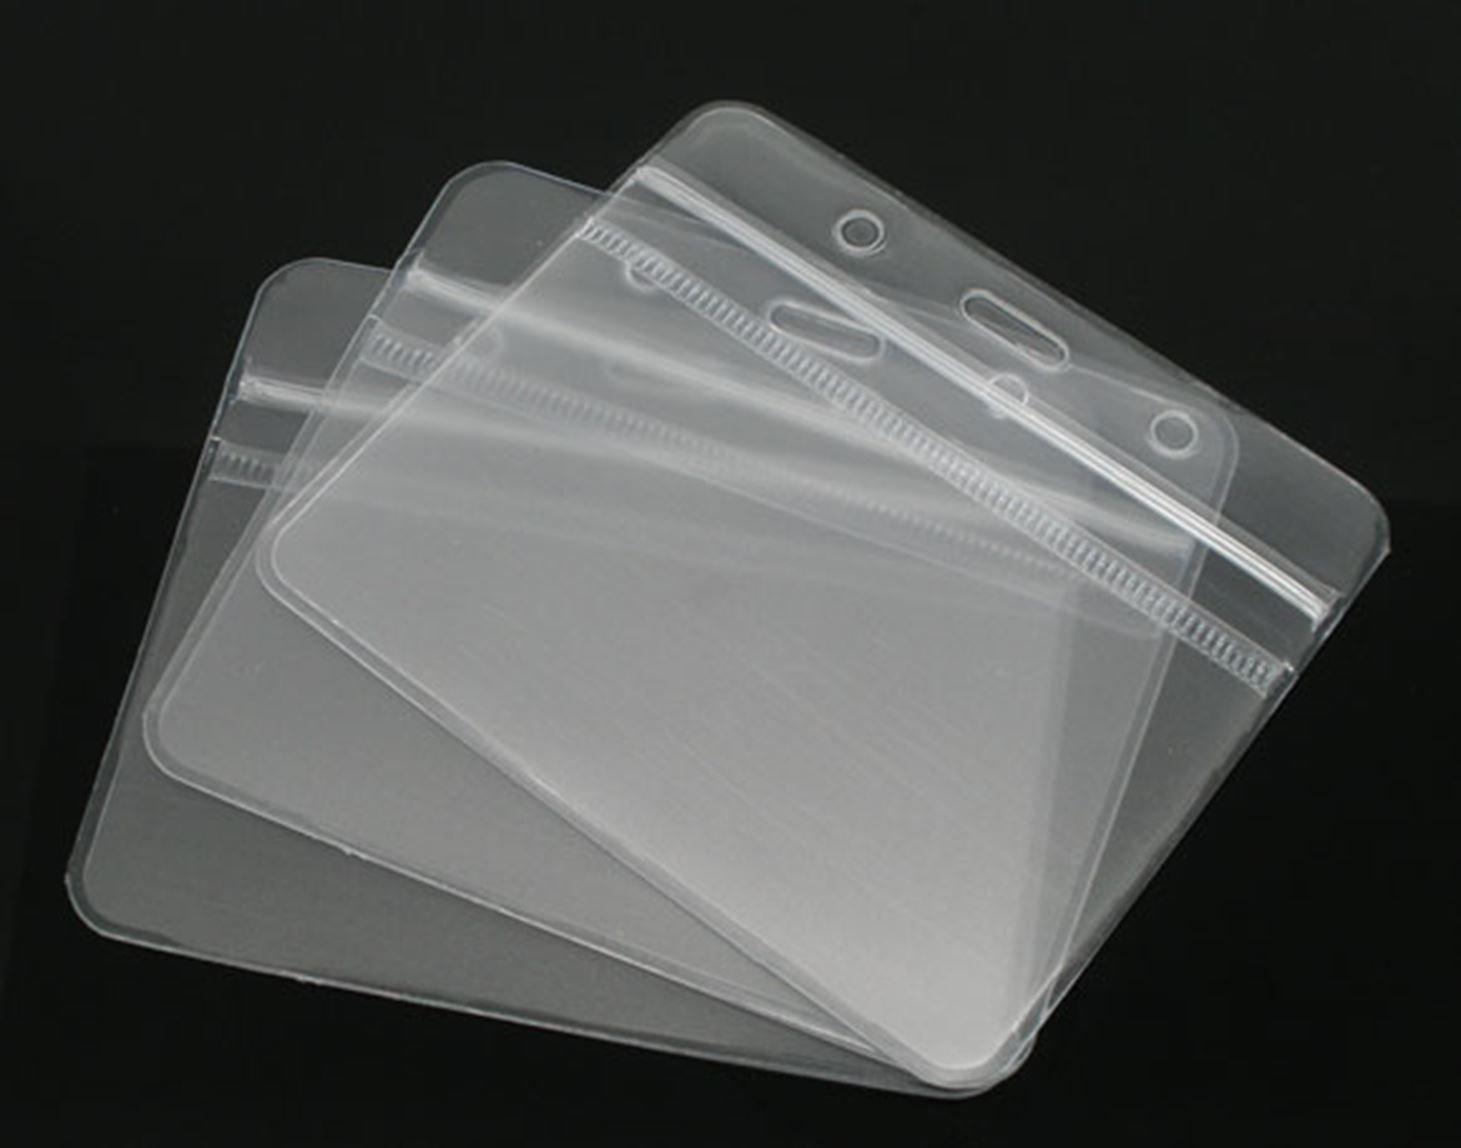 Puissant 8 40 Horizontal Fermeture zippée étanche 10 cm x 8 Puissant cm-Carte d'identité/Badge/porte-Photo pochettes pour les visiteurs et vos invités. 0e9582